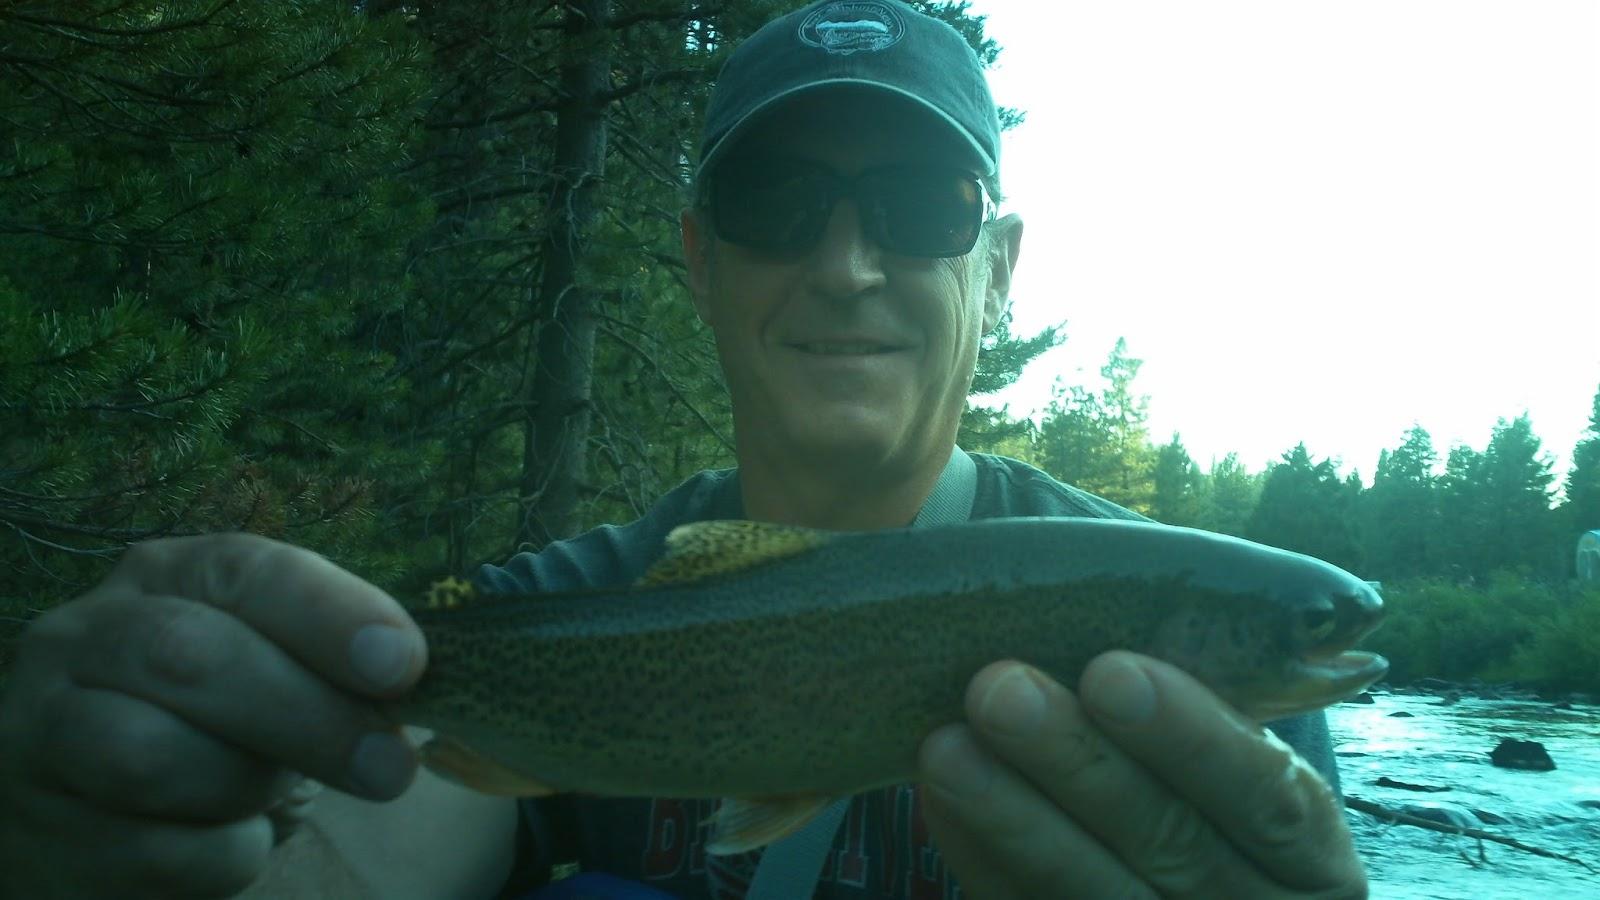 Scott Hopper's blog: LITTLE TRUCKEE RIVER FISHING REGULATIONS